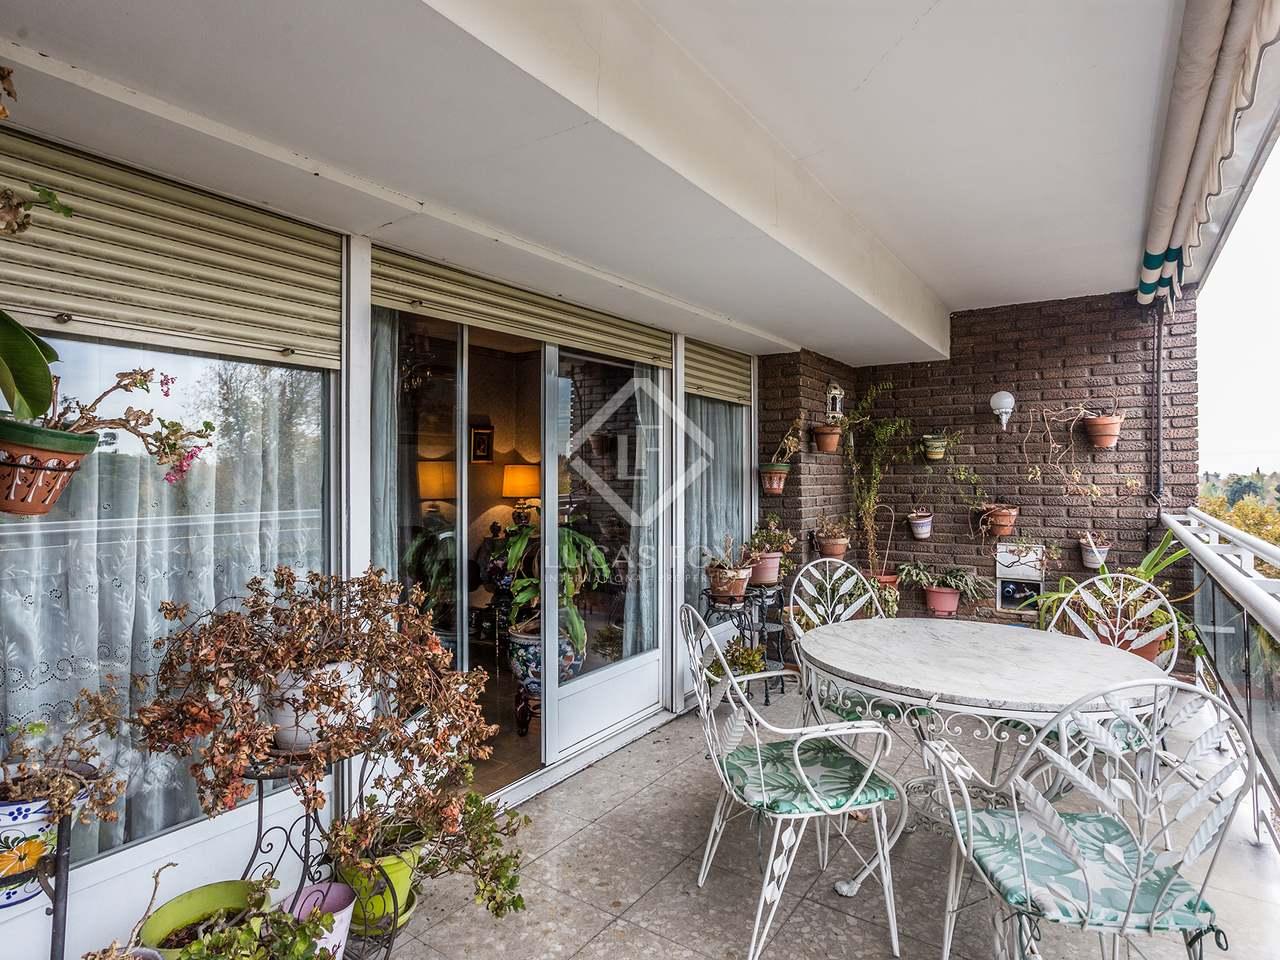 Piso de 325m con terraza de 15m en venta en retiro madrid for Pisos con terraza madrid